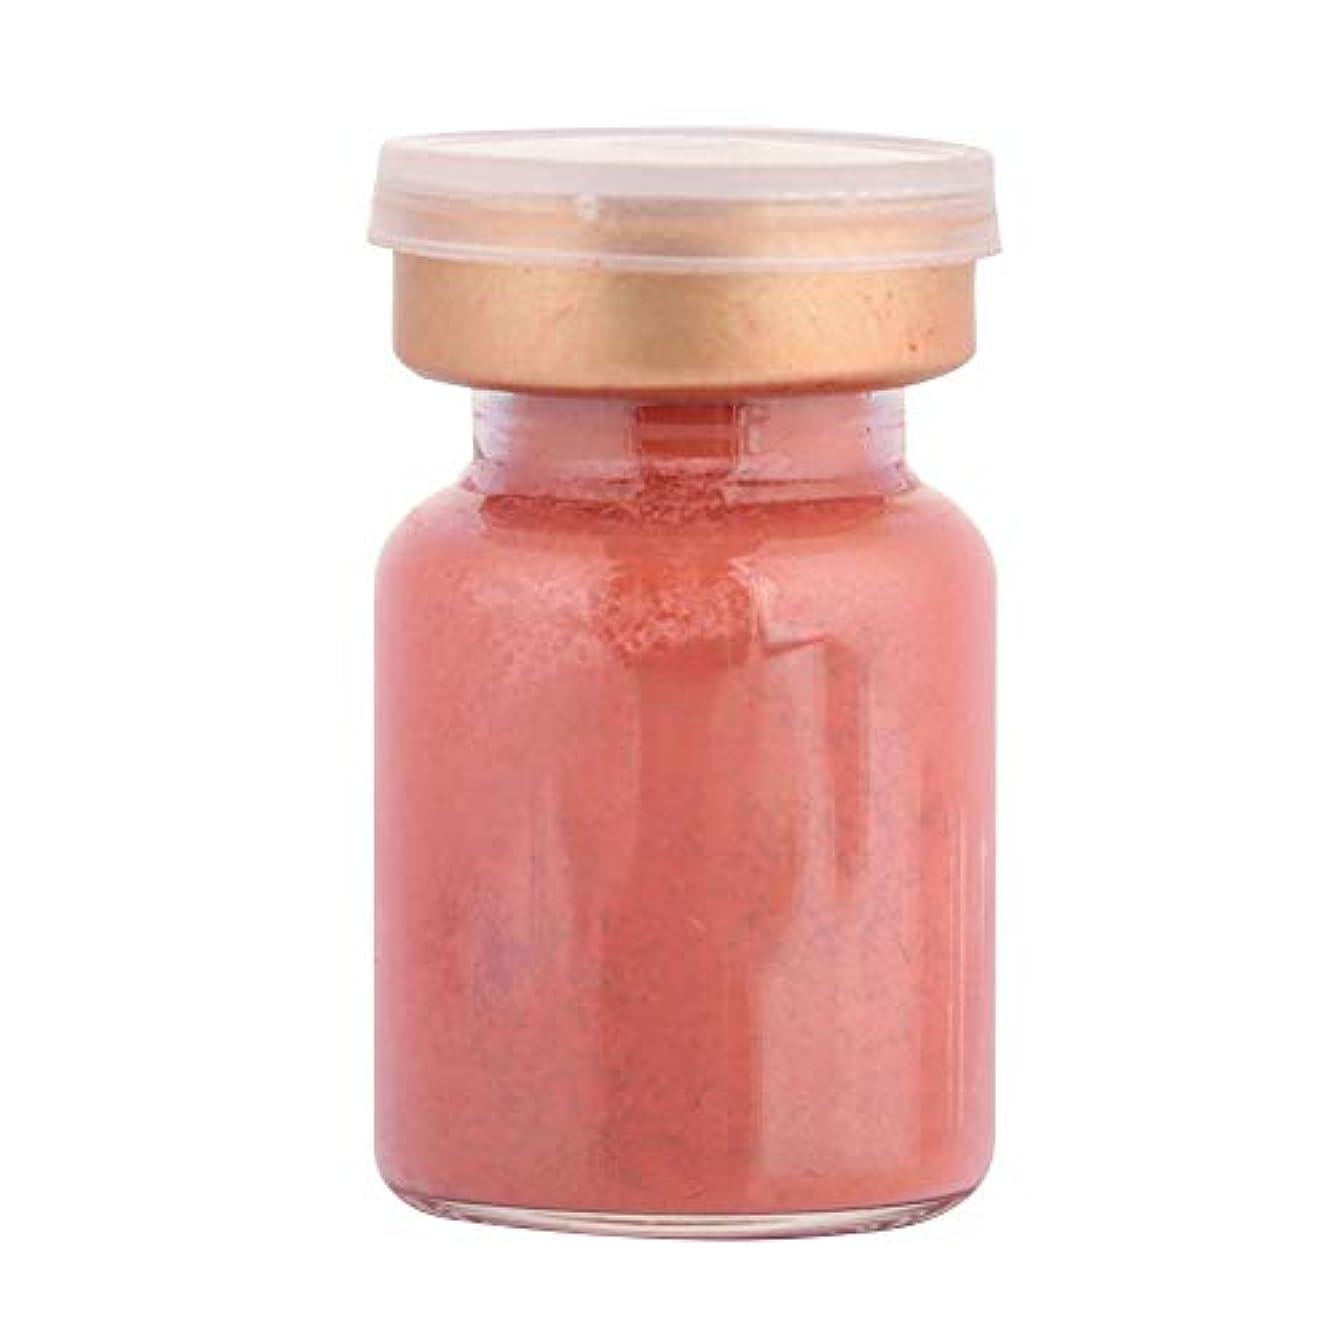 保持するみ喉頭DIY手作り口紅顔料パウダーツール用口紅頬紅アイシャドウメイク(3)